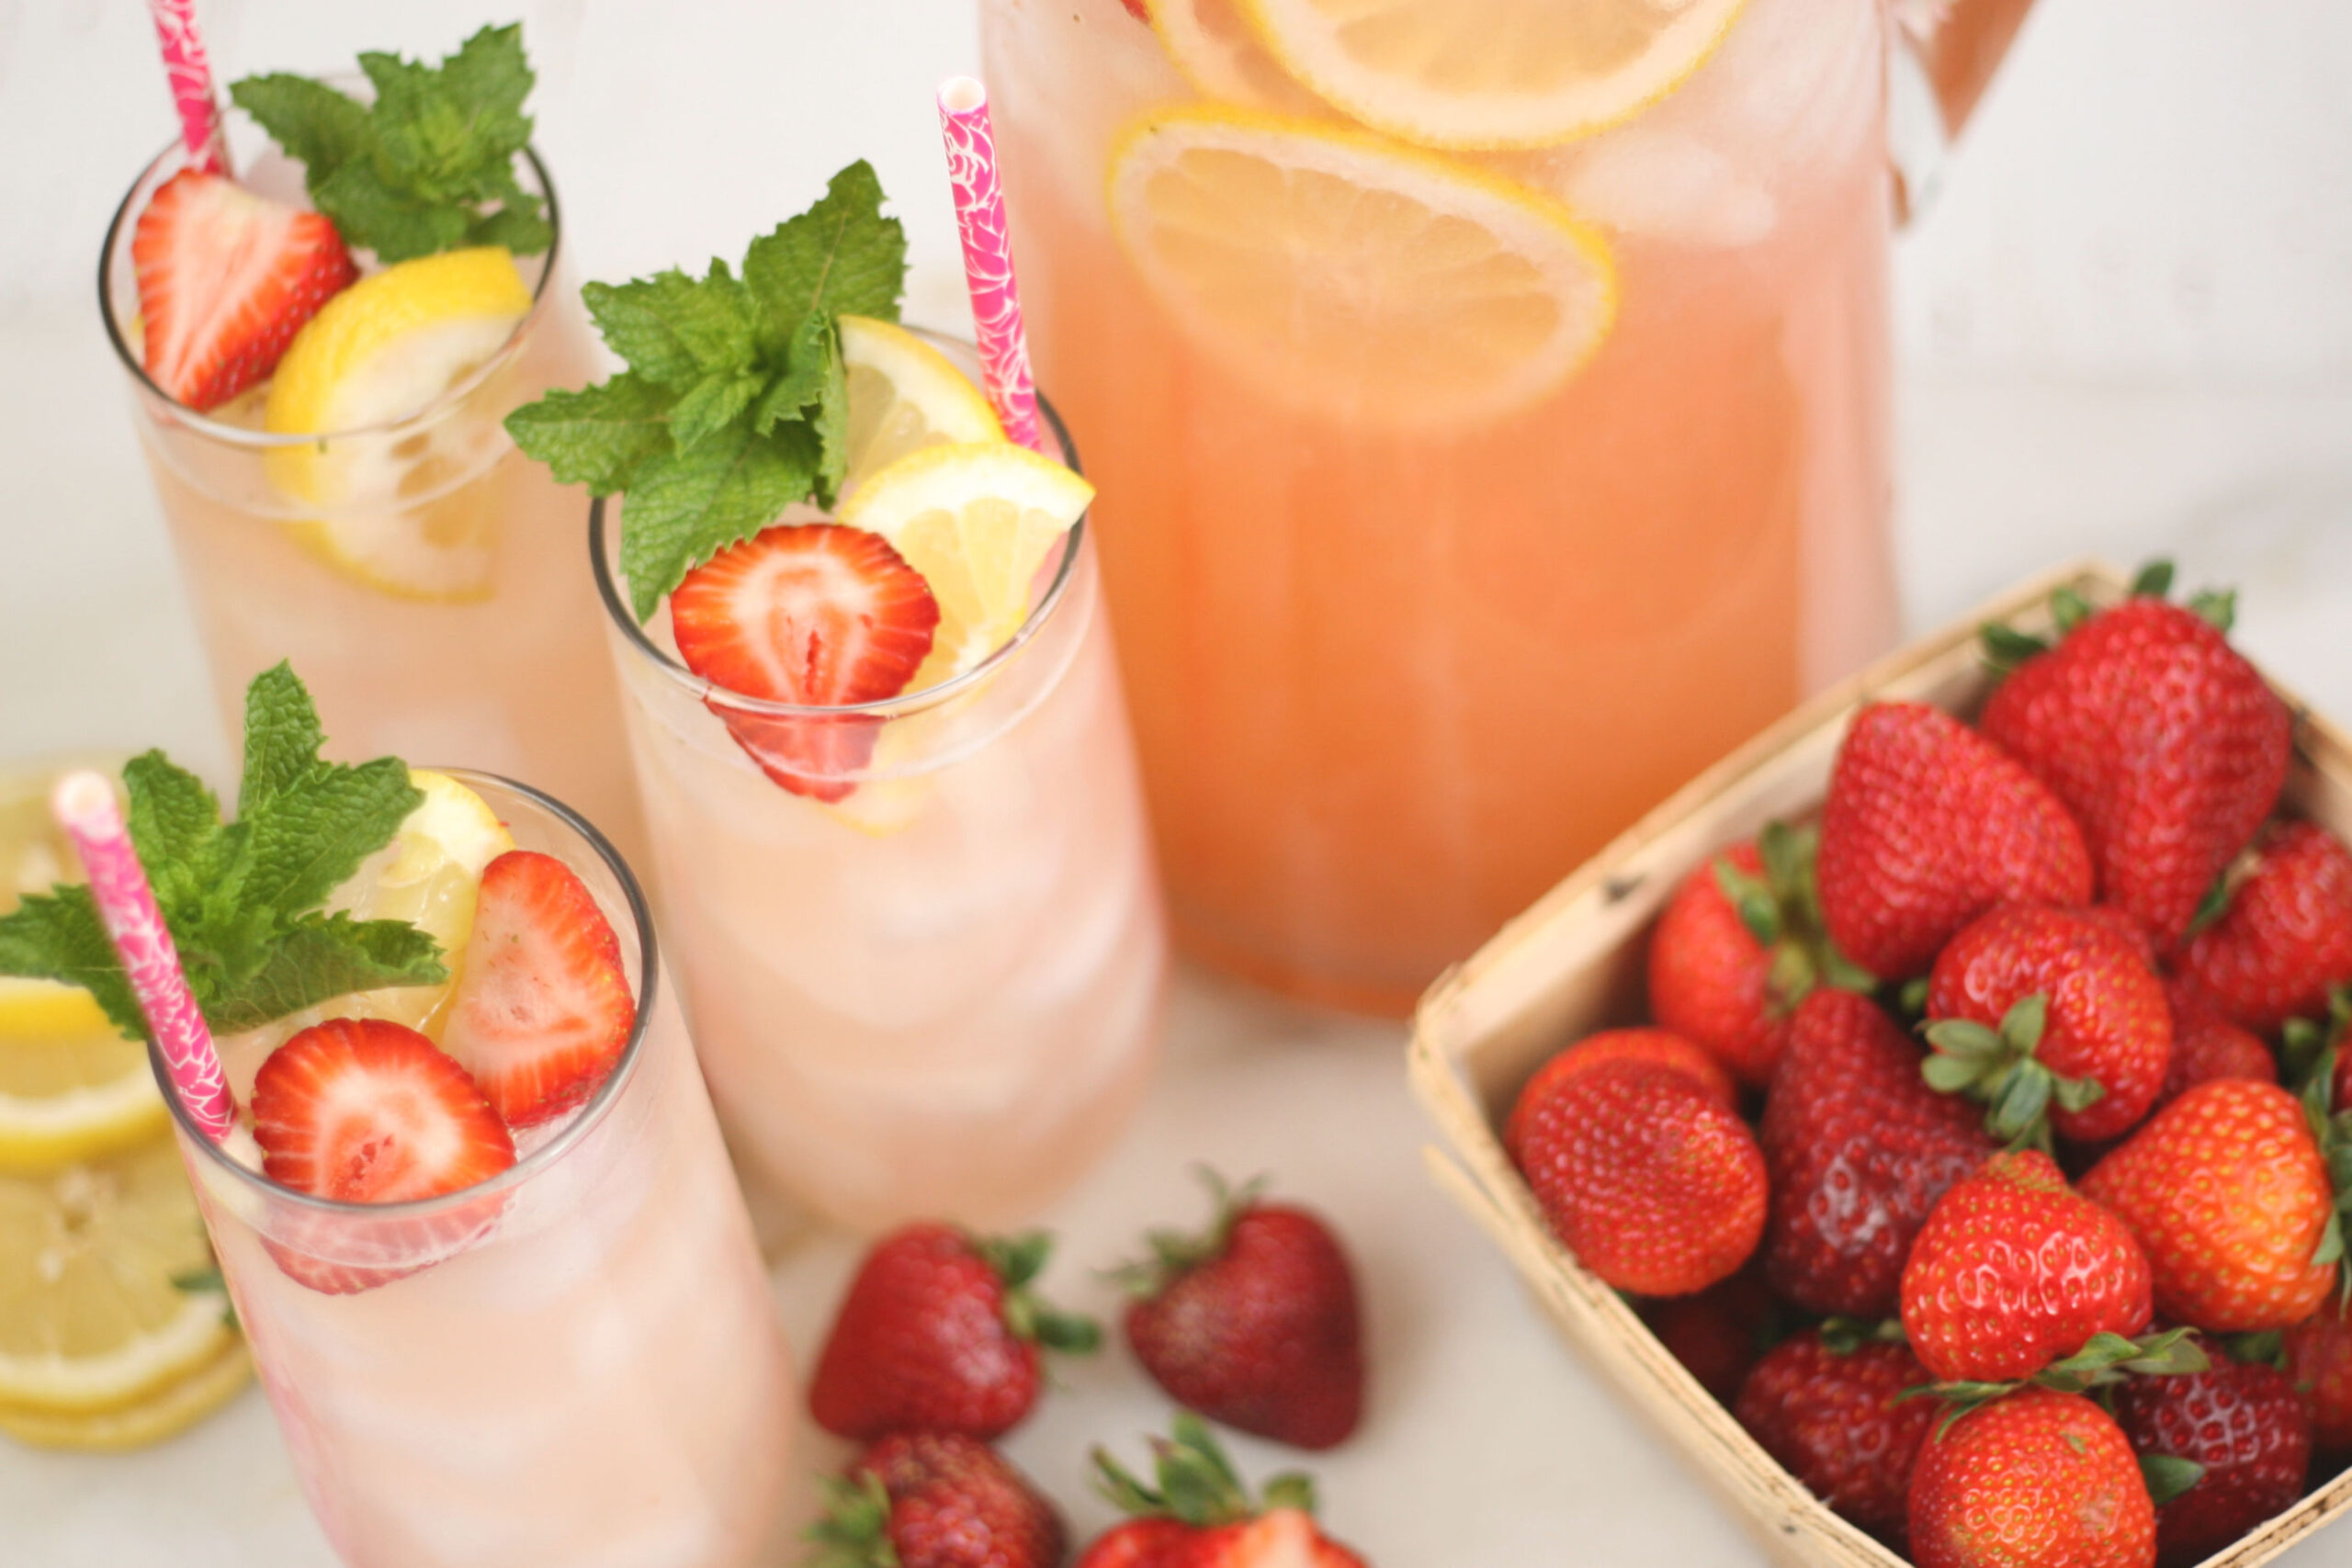 glasses of homemade strawberry lemonade.